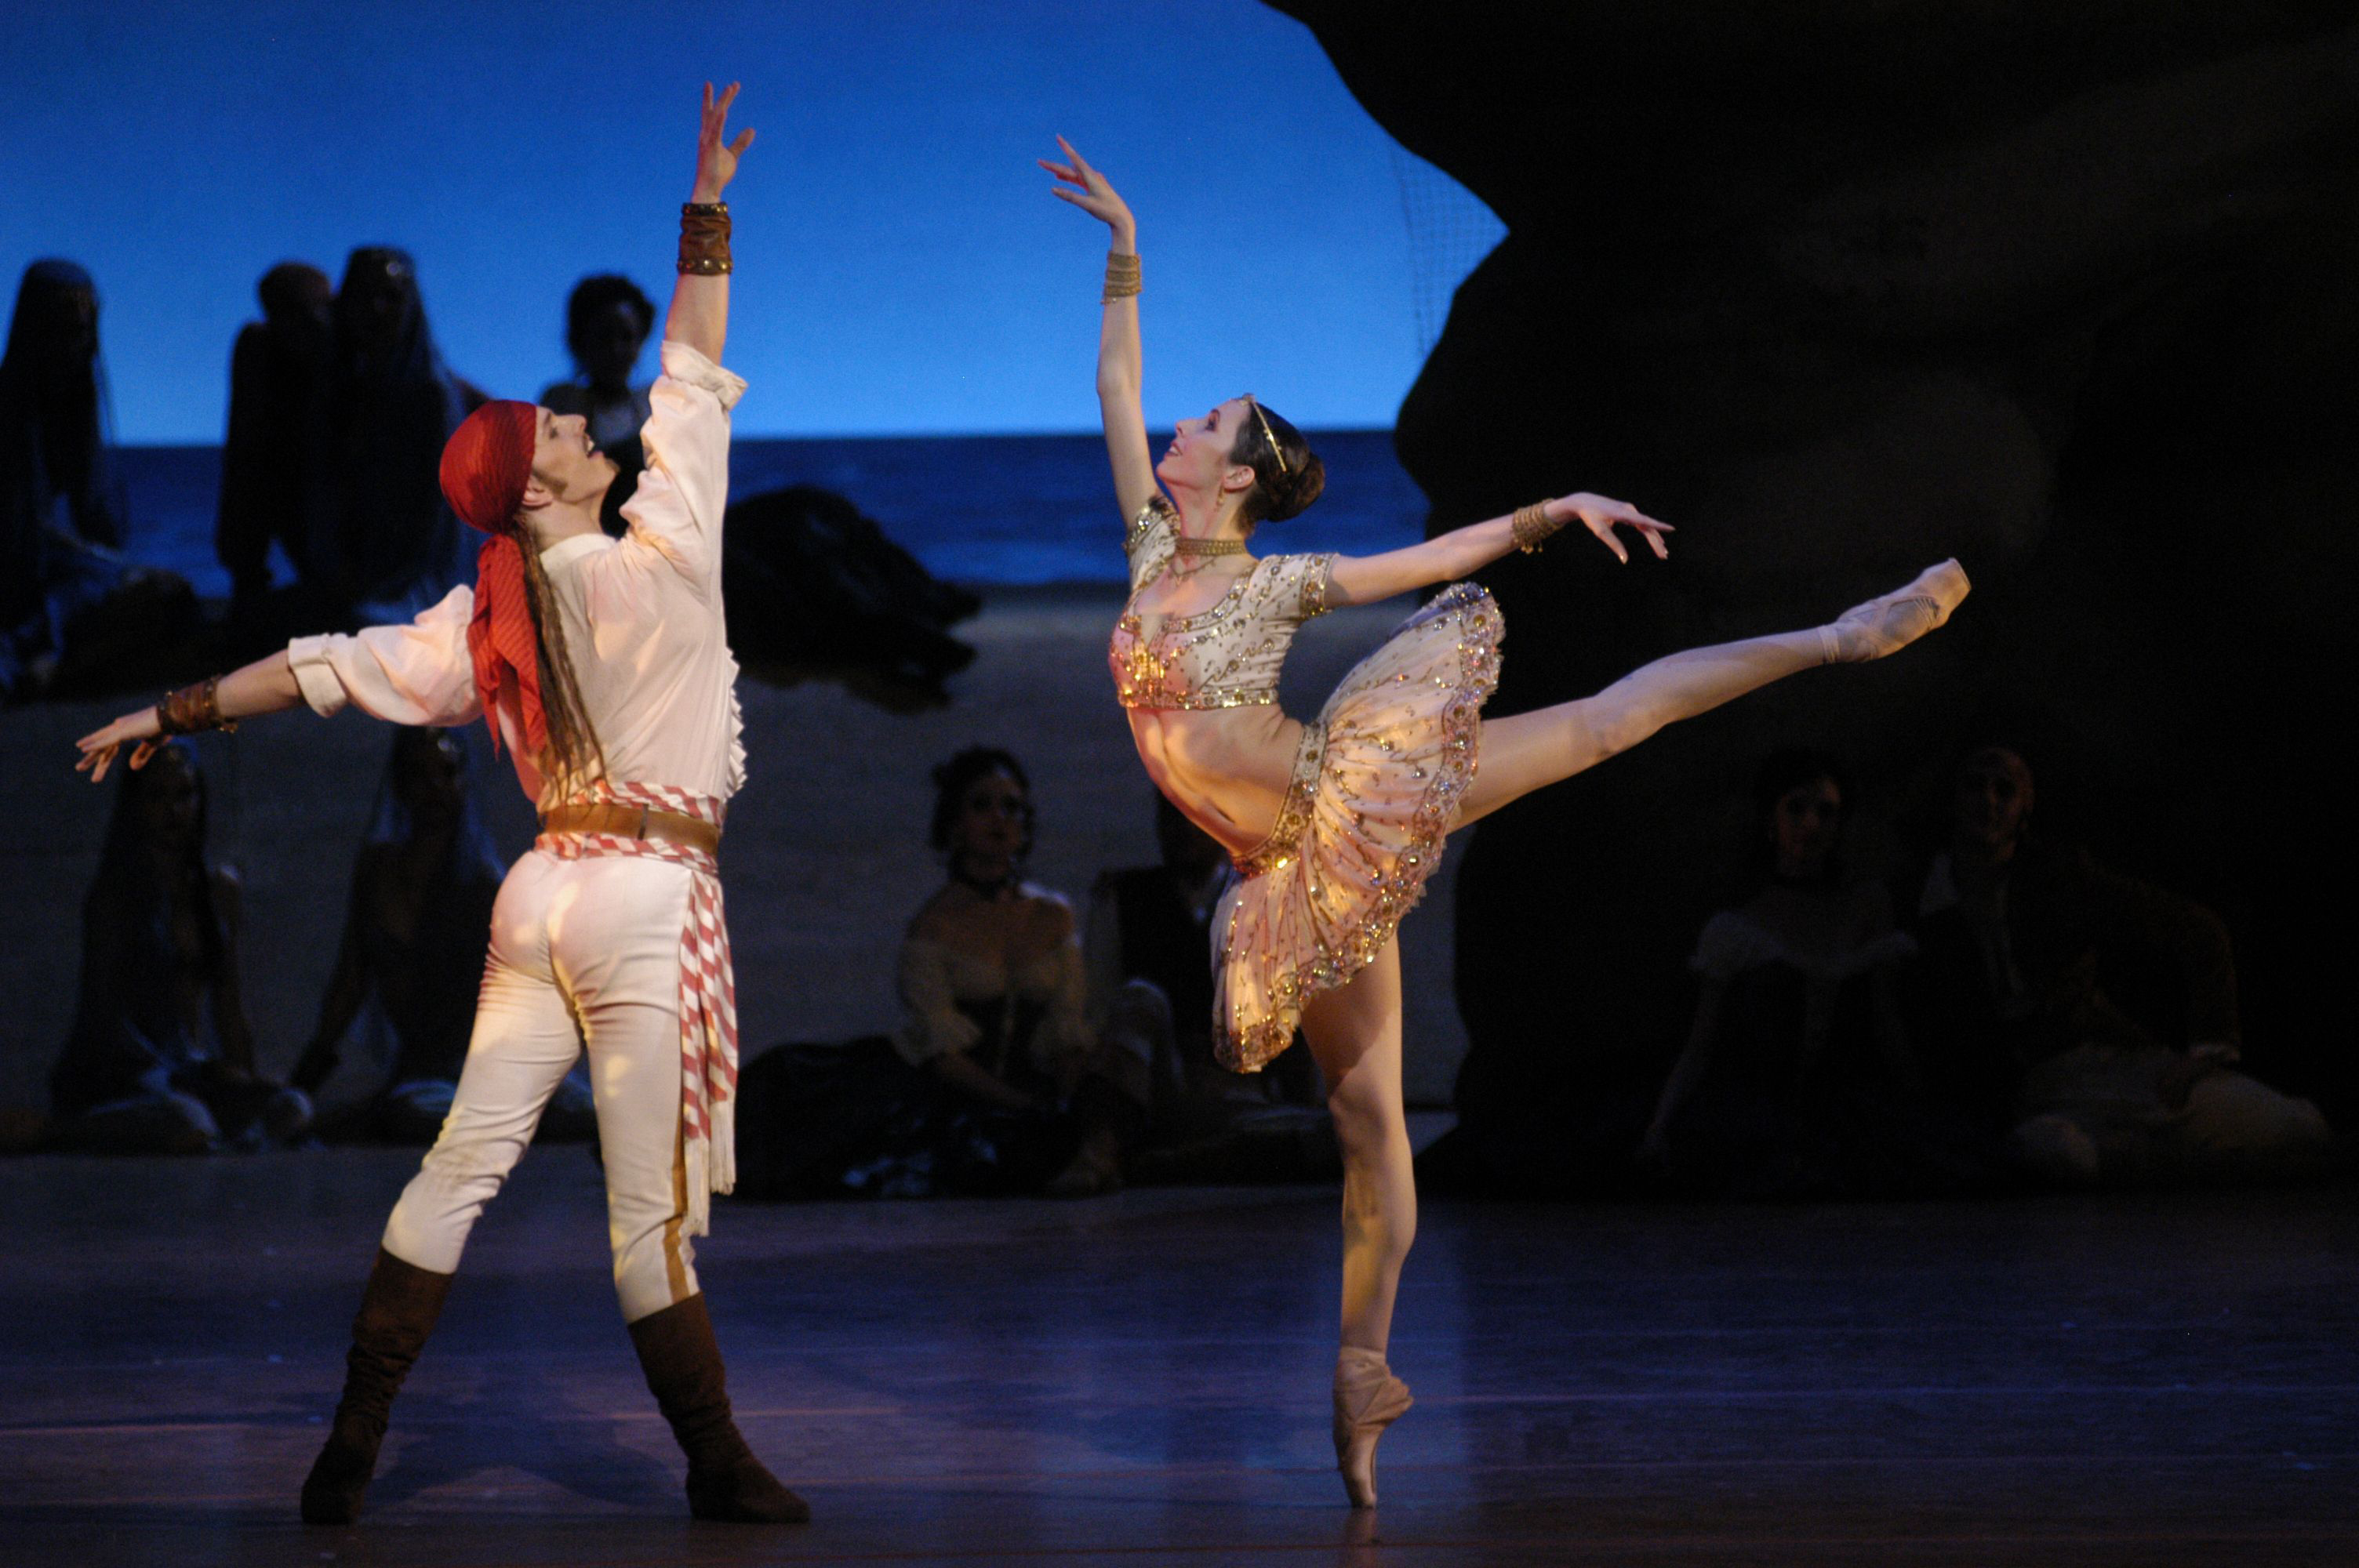 Ballet à Munich : Agenda et critiques des ballets en Bavière en 2016 5